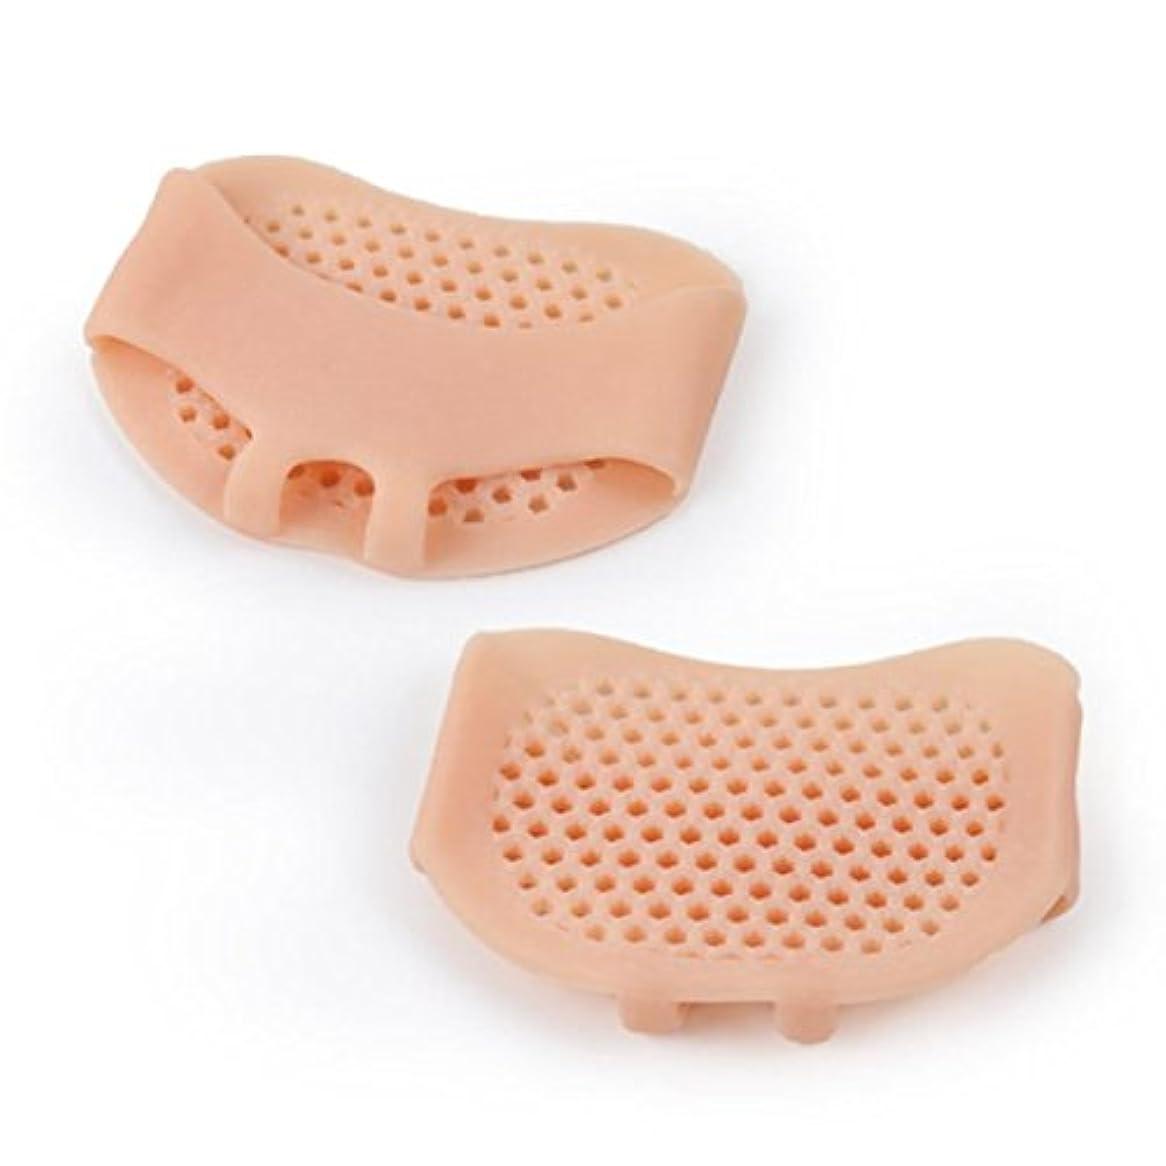 欠陥啓発する義務づける通気性のあるソフトシリコン女性インソールパッド滑り止め快適な女性フロントフットケアクッションハイヒール靴パッド-肌の色